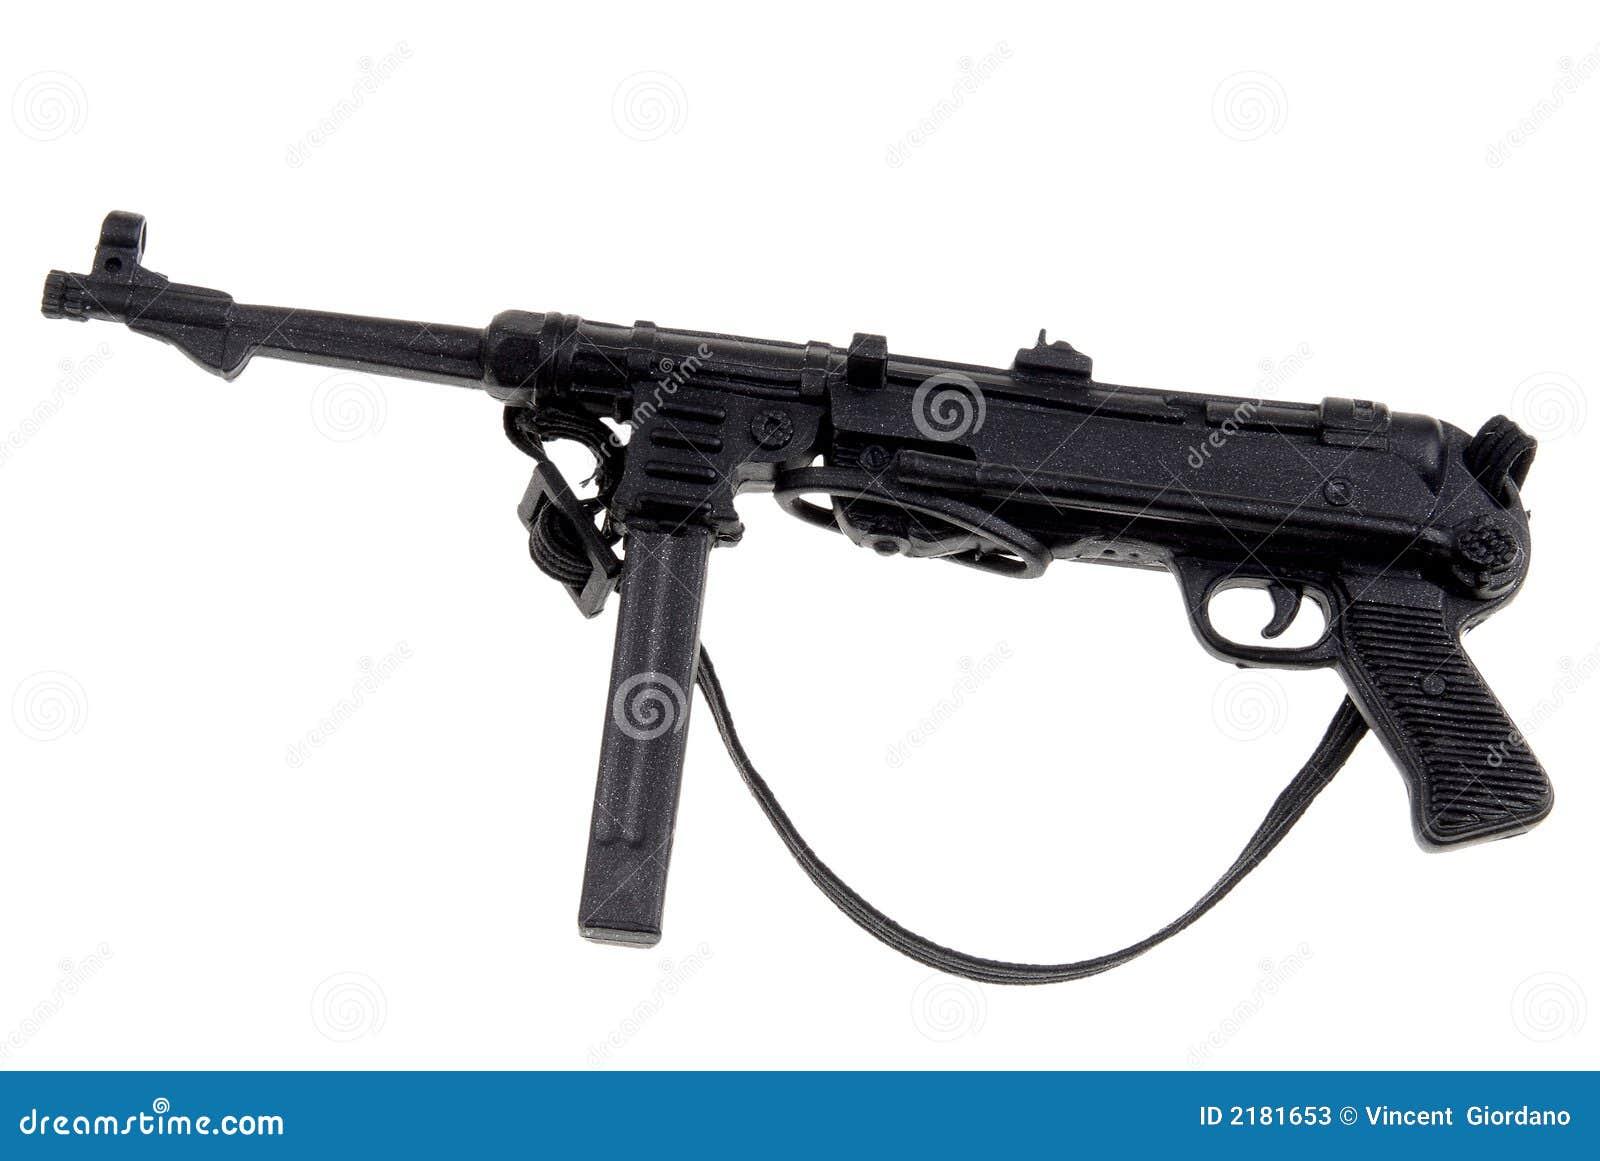 Toy german machine gun stock image  Image of military - 2181653